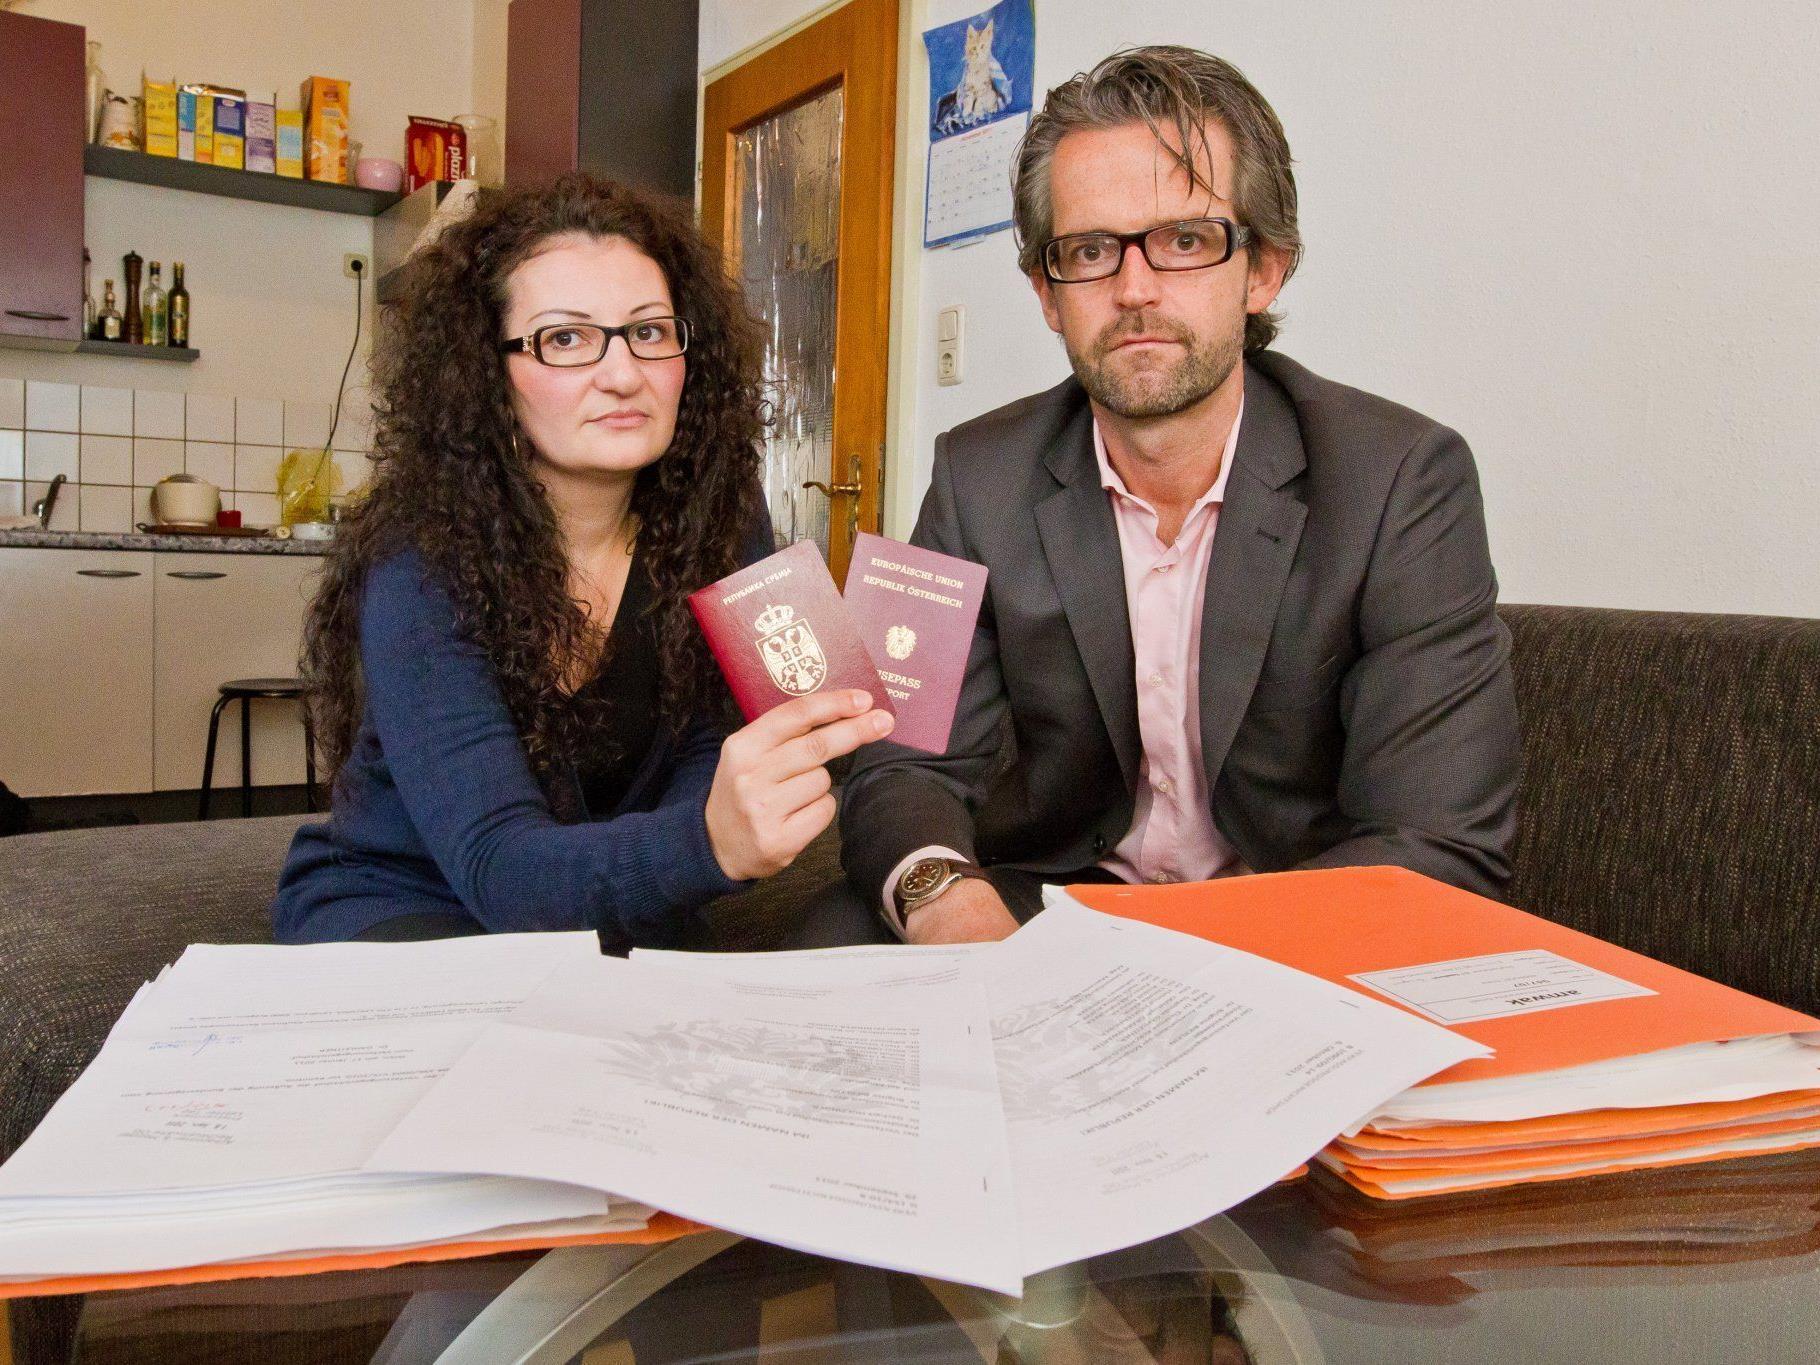 Jede Menge Ordner, und keine Entscheidung. Emine Androcec und ihr Anwalt Clemens Achammer warten immer noch auf den gewünschten Pass.